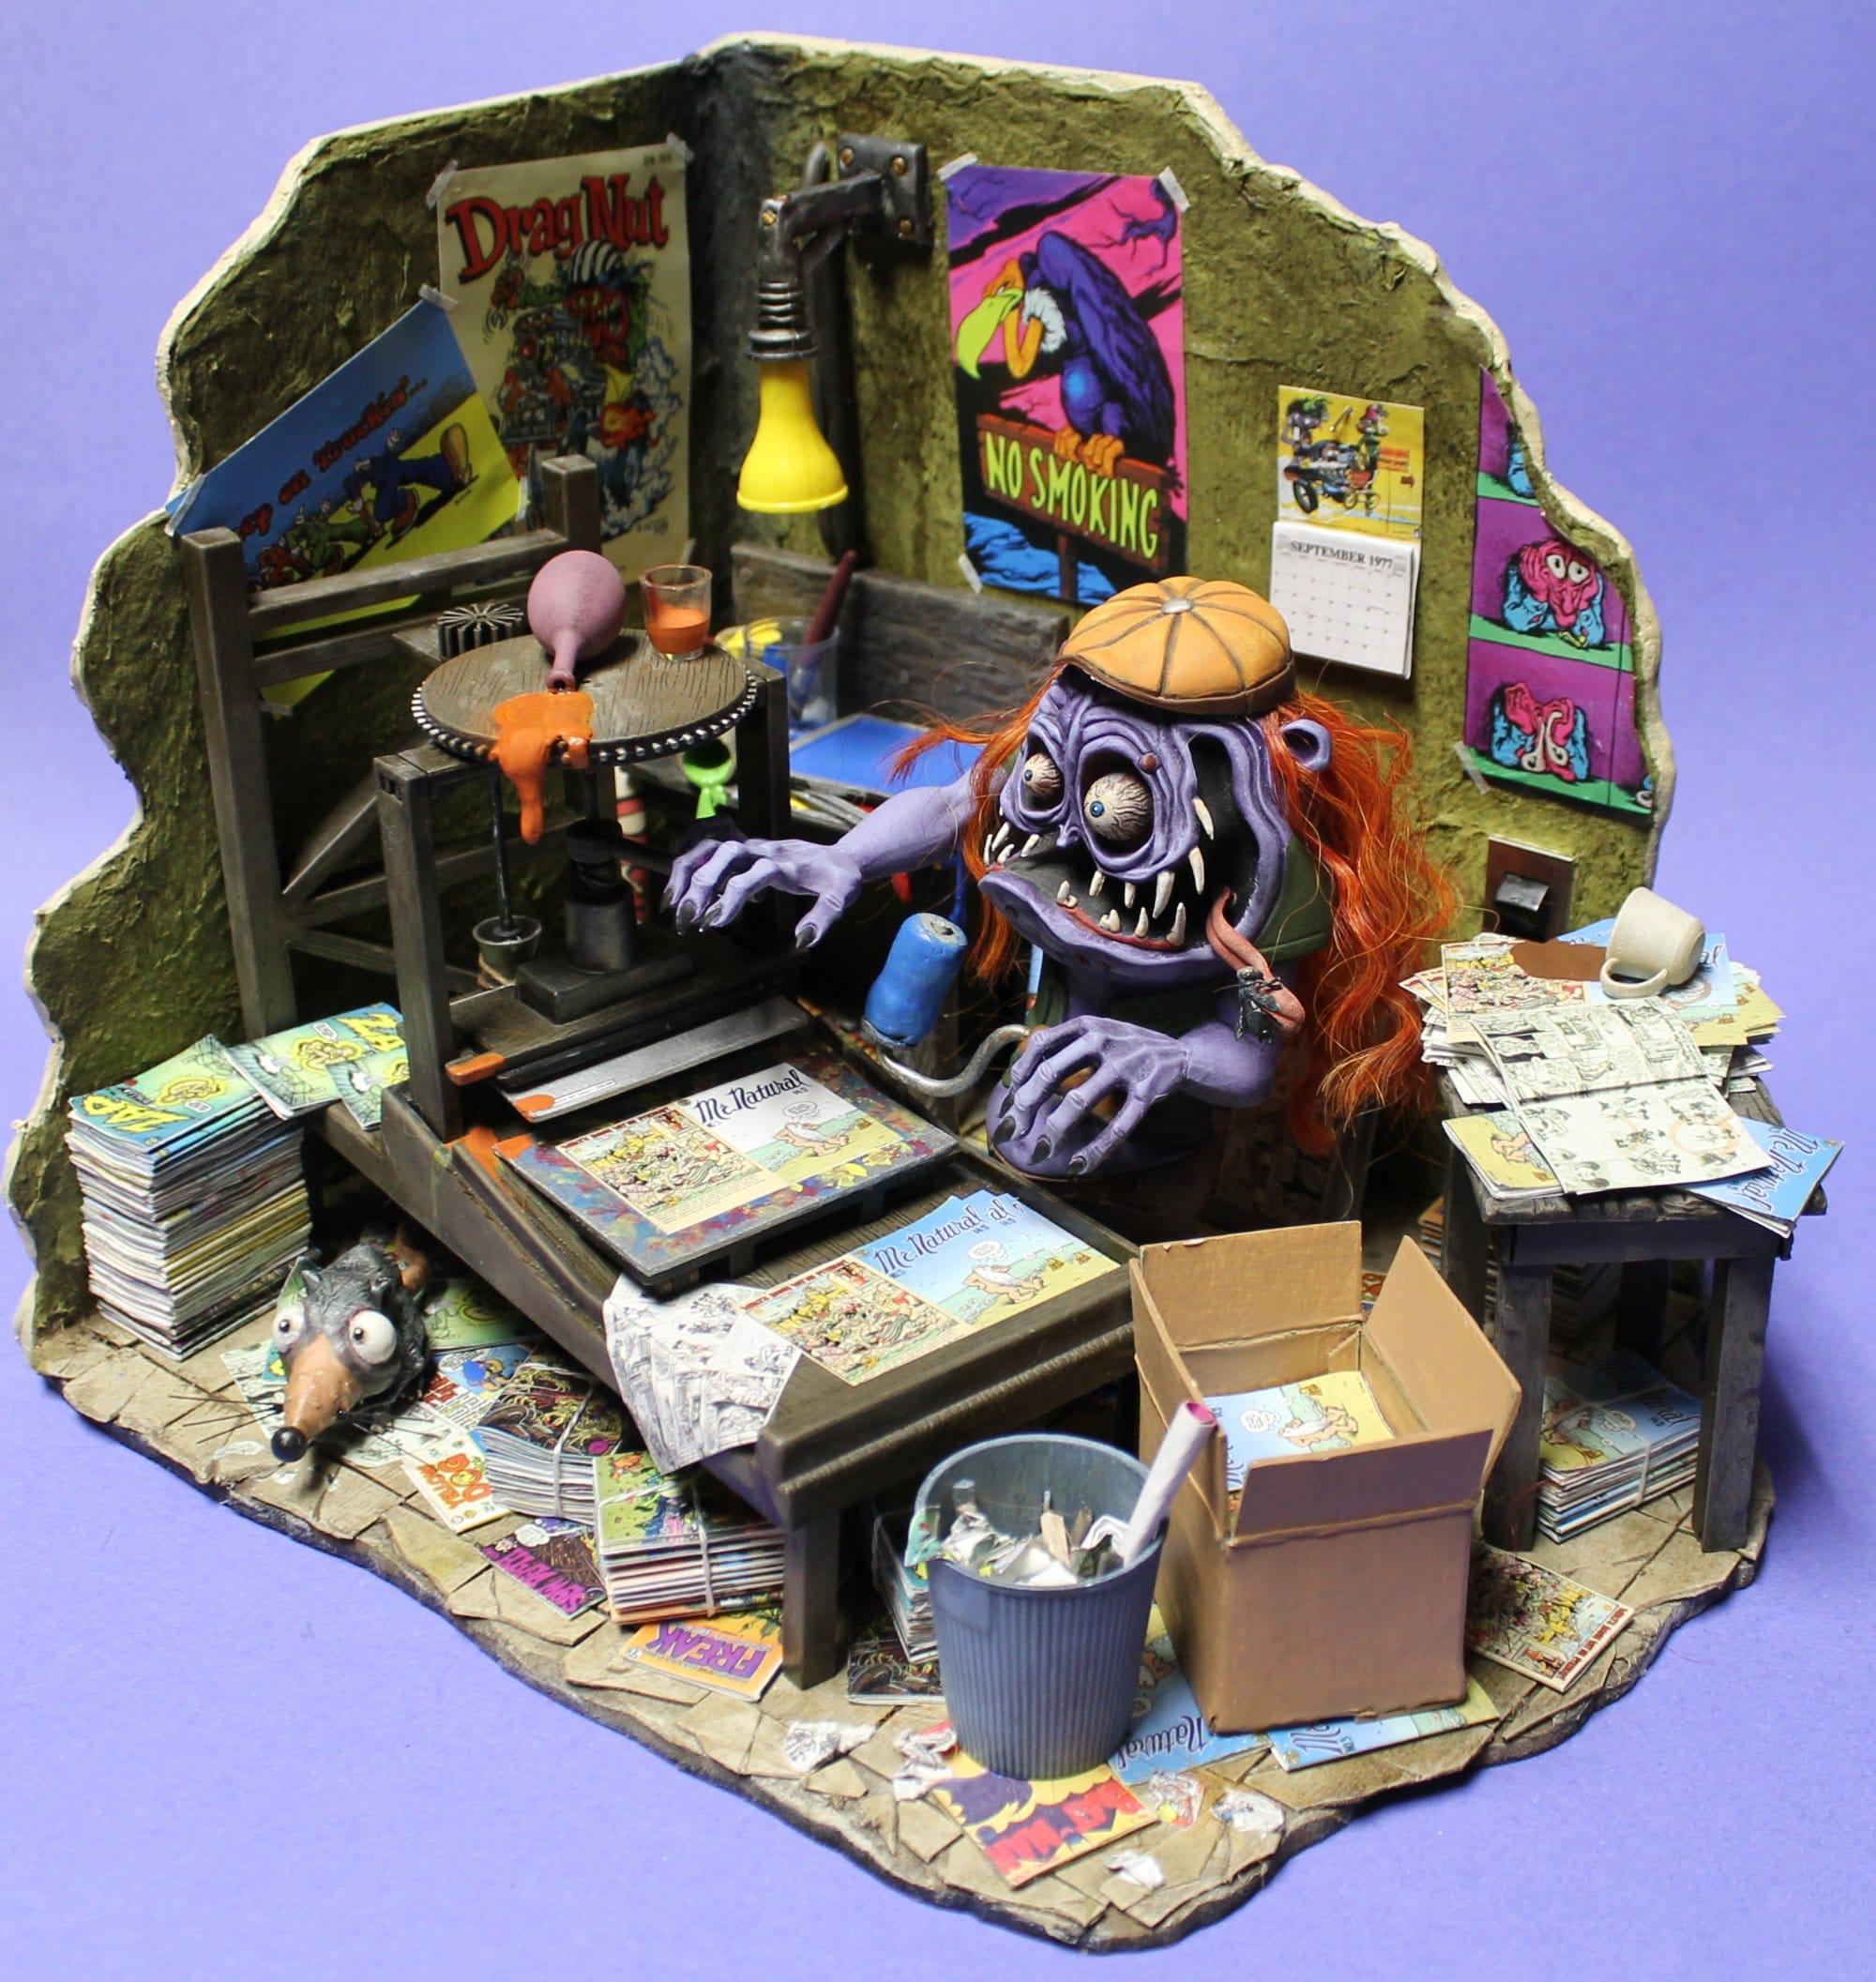 Finkelstein's Underground Print Shop